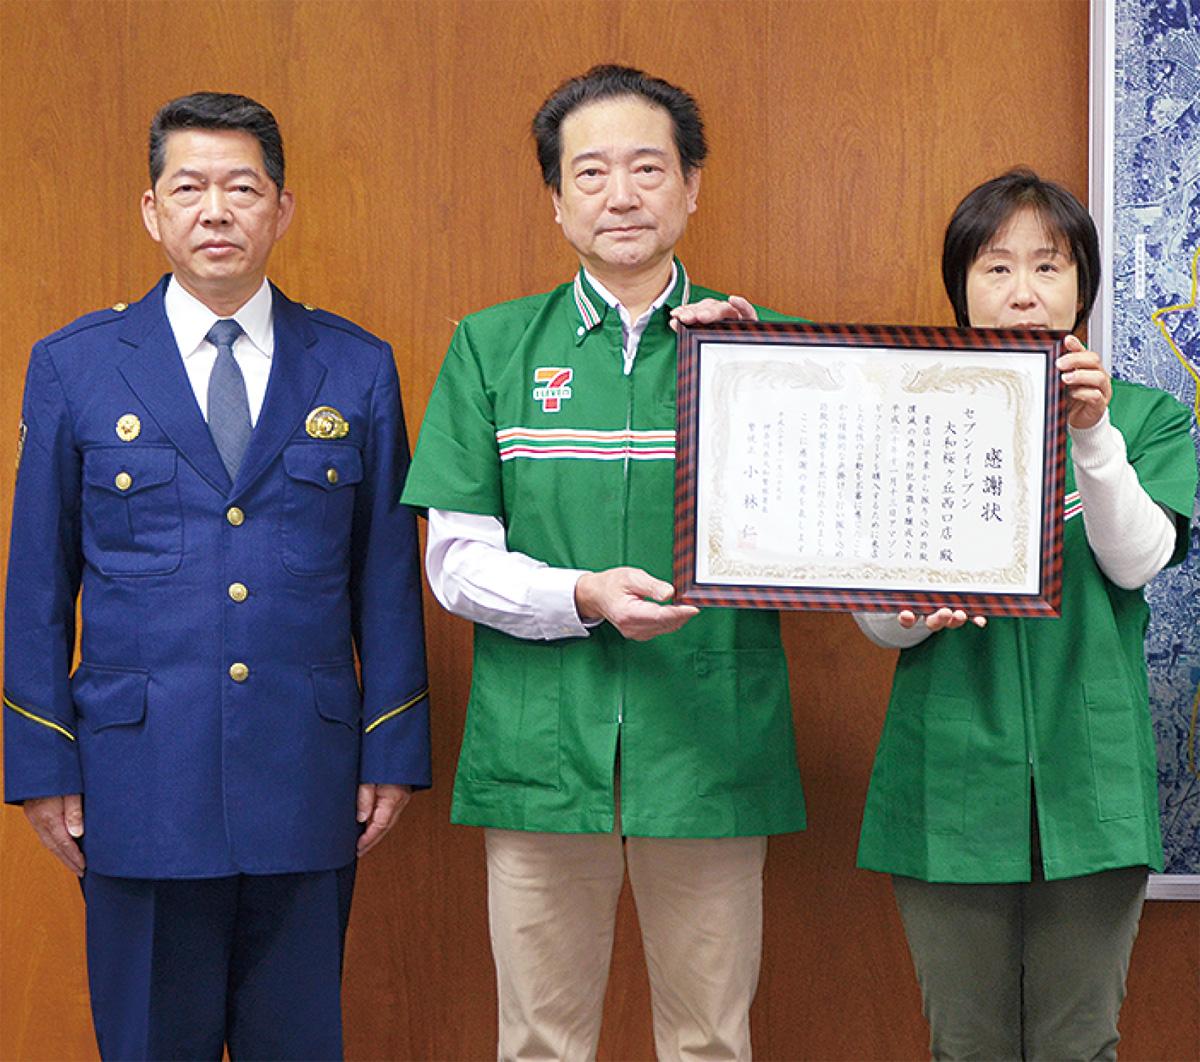 感謝状を受け取る吉田さん(右)と菊地オーナー(中央)